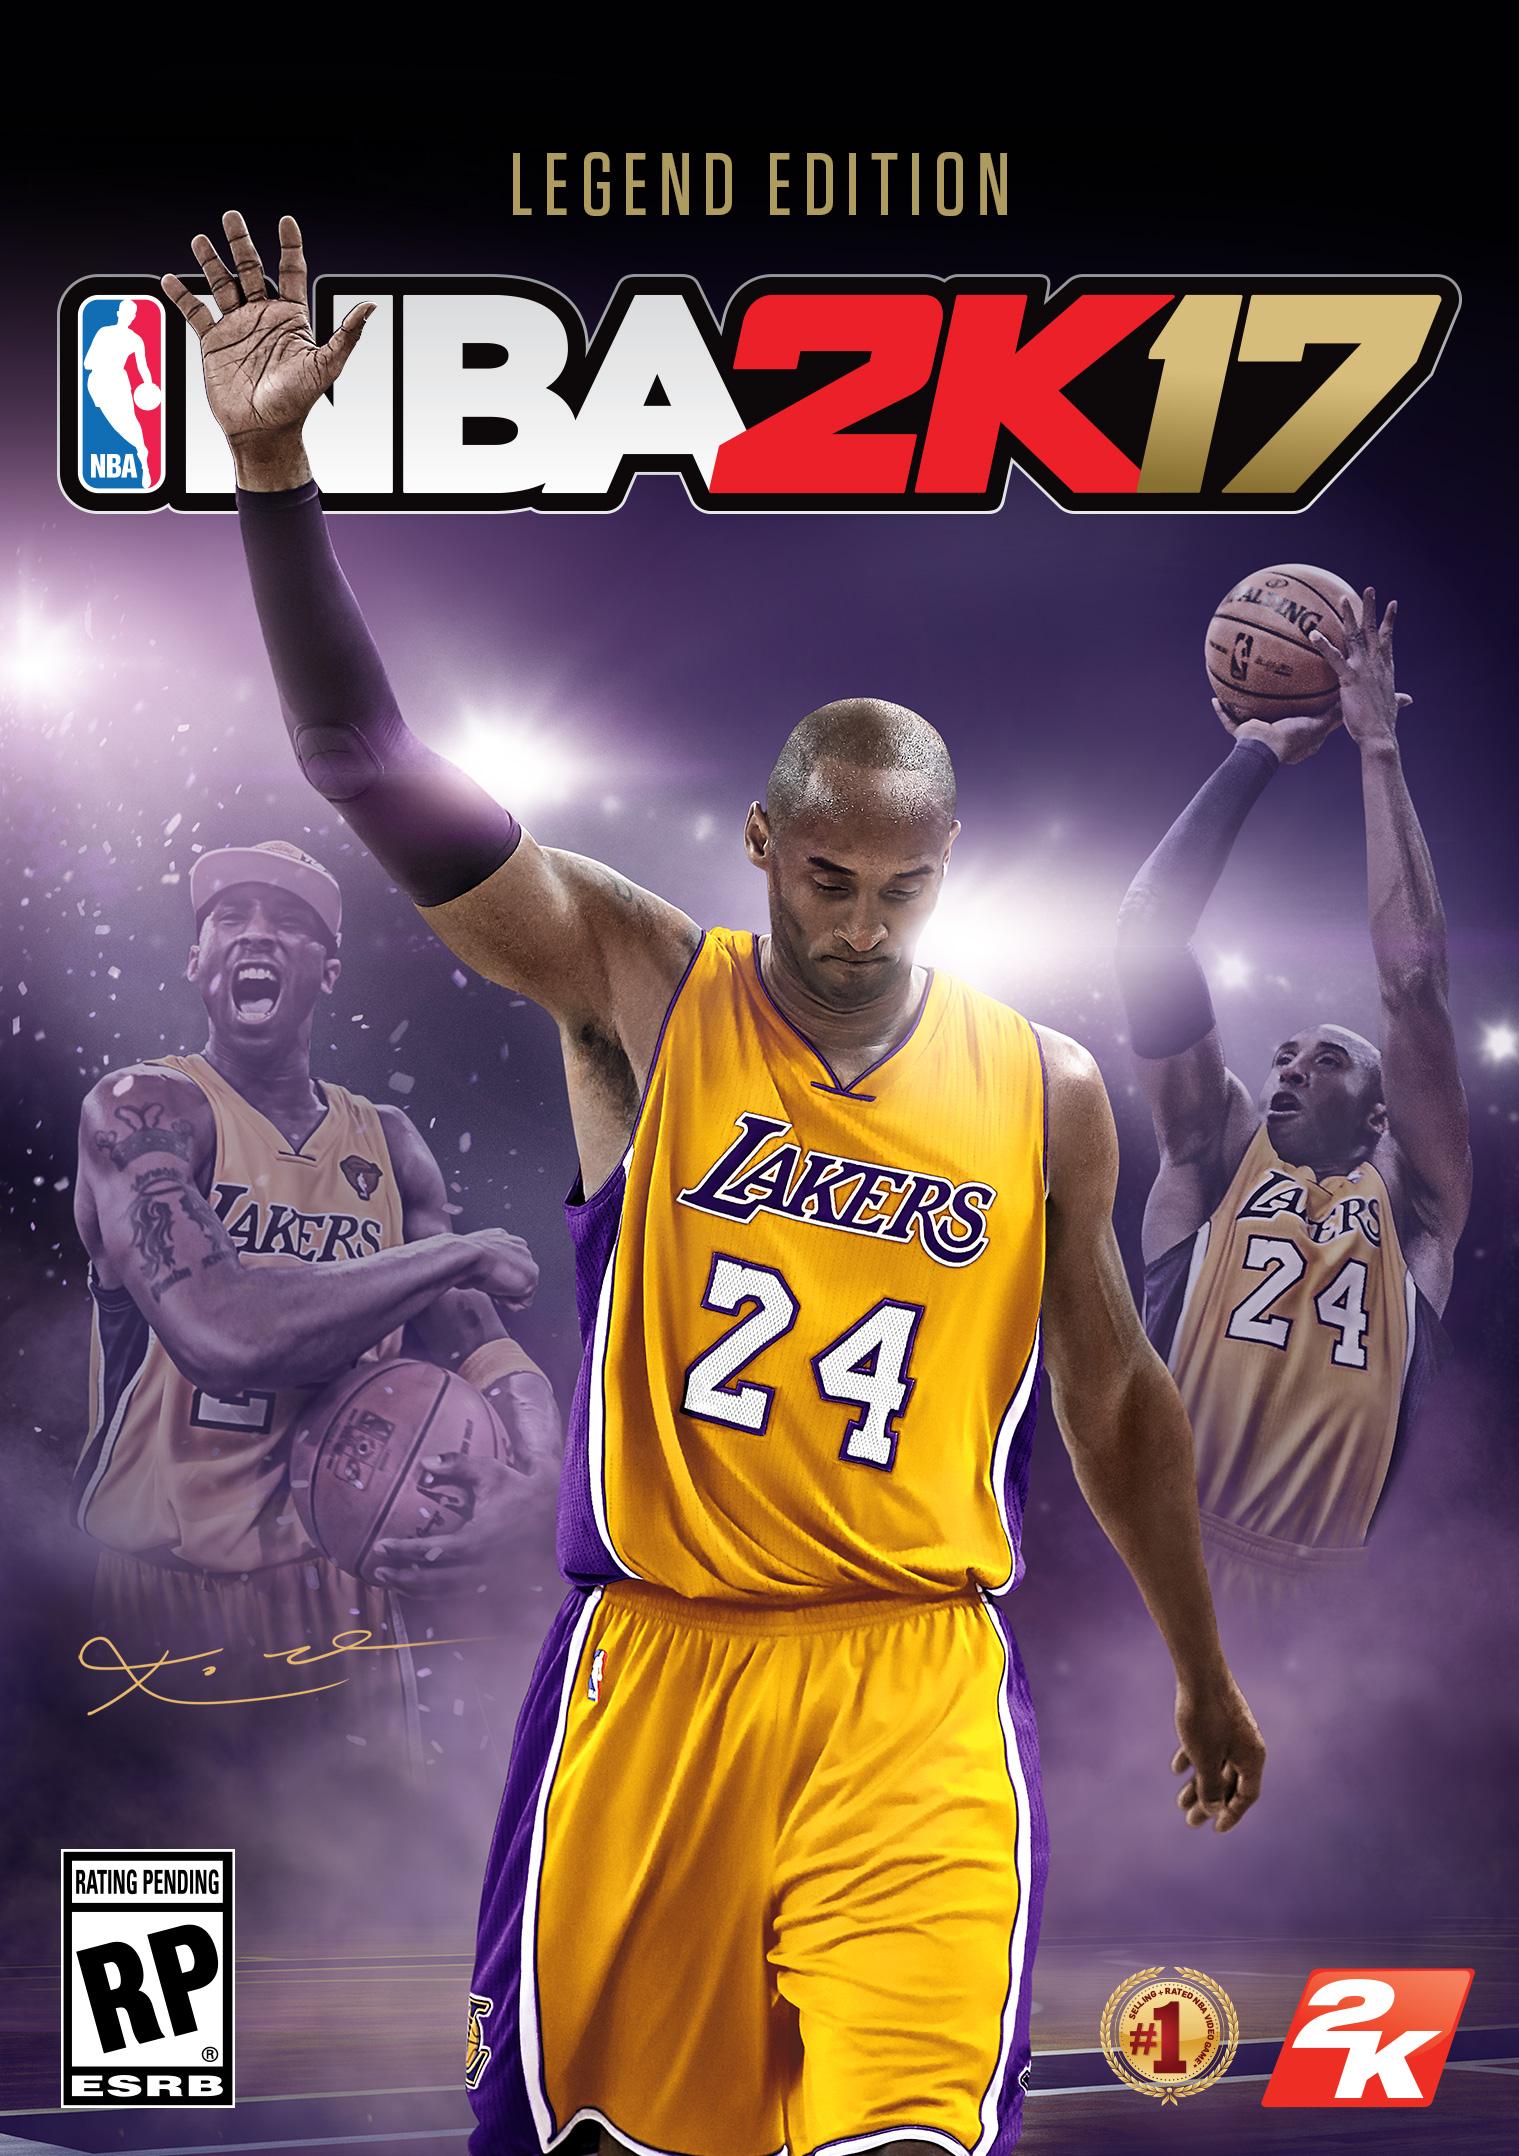 nba 2K17 edition legende gold